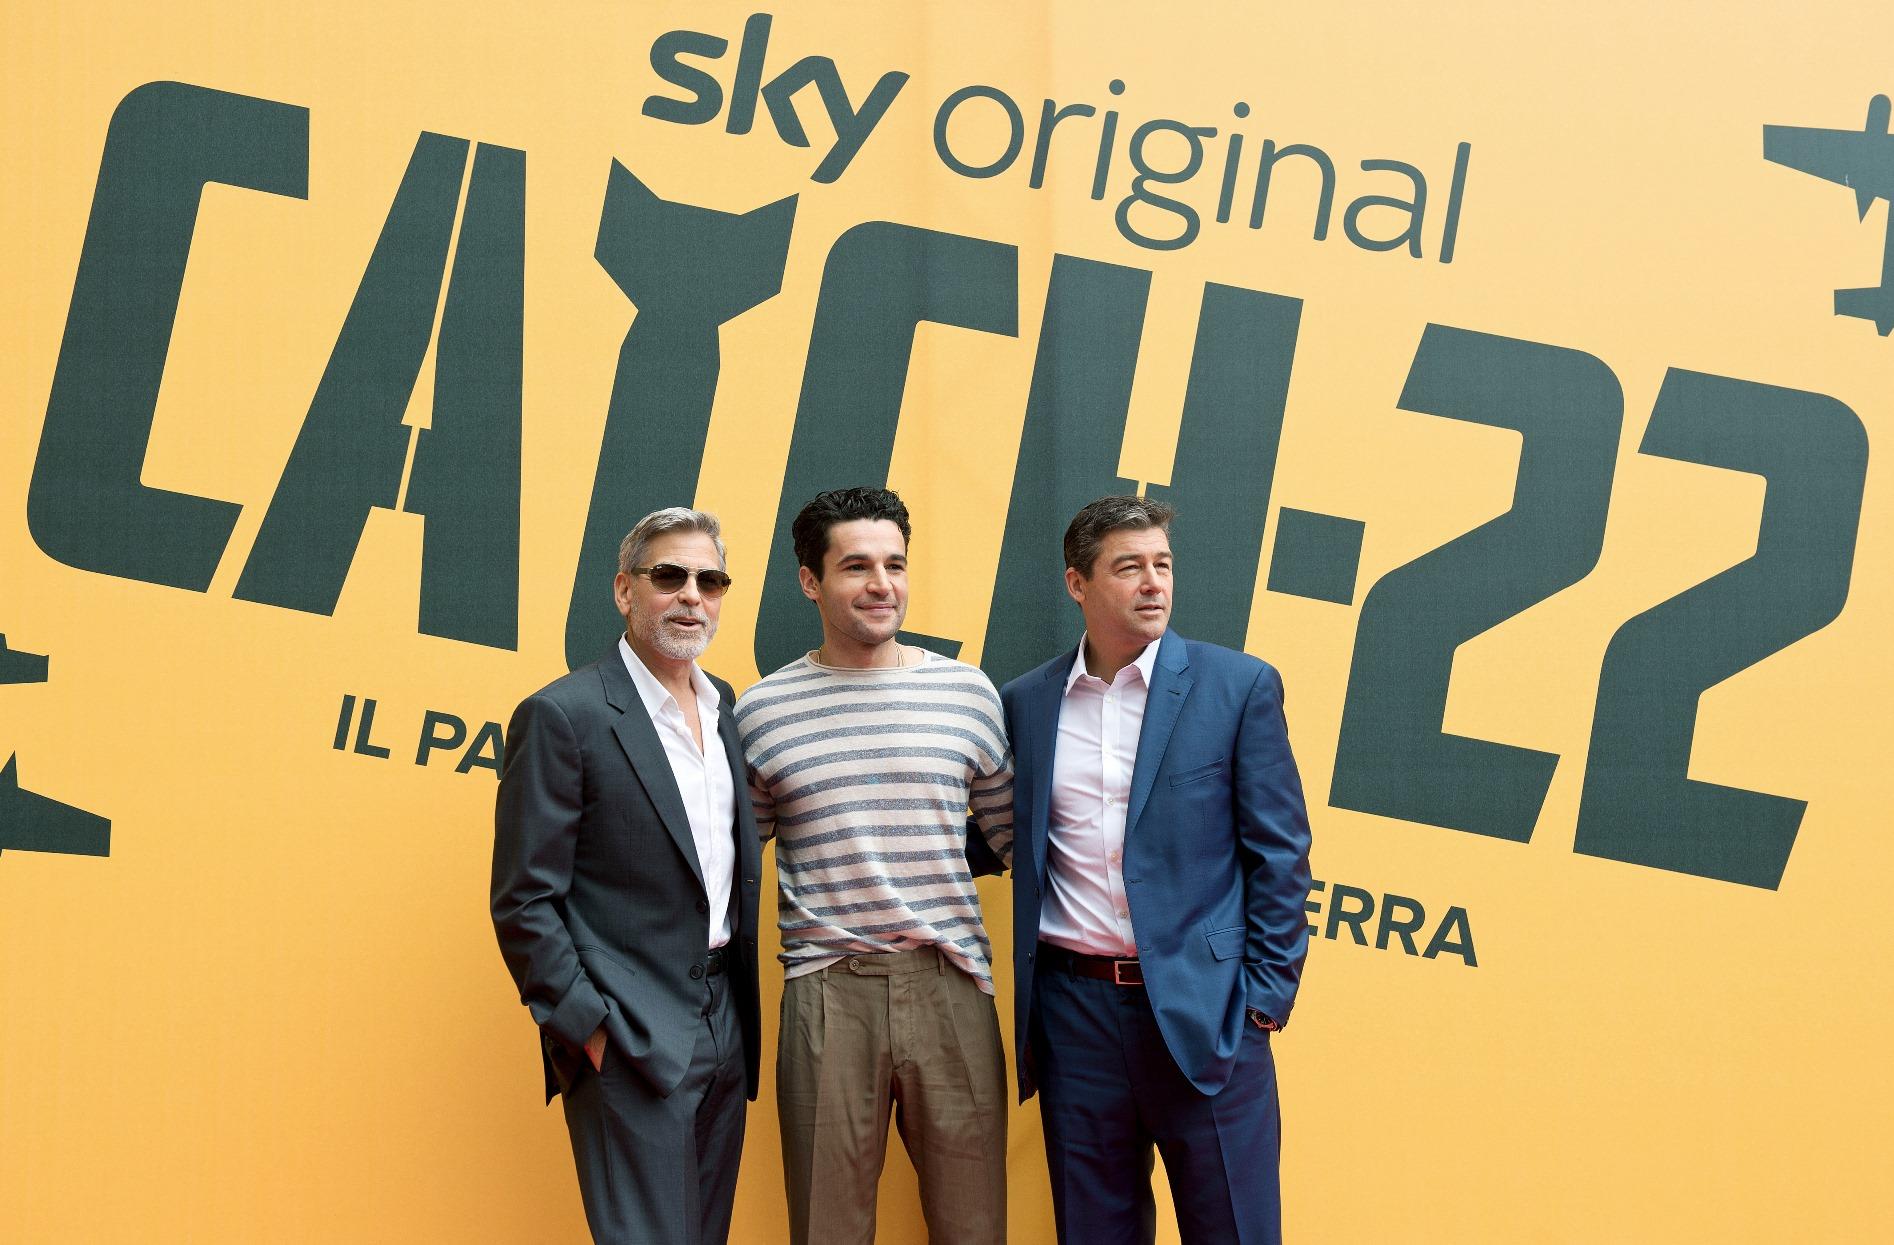 Catch-22: George Clooney, Kyle Chandler e Christopher Abbott in una foto della premiere europea a Roma presso il The Space Cinema Moderno